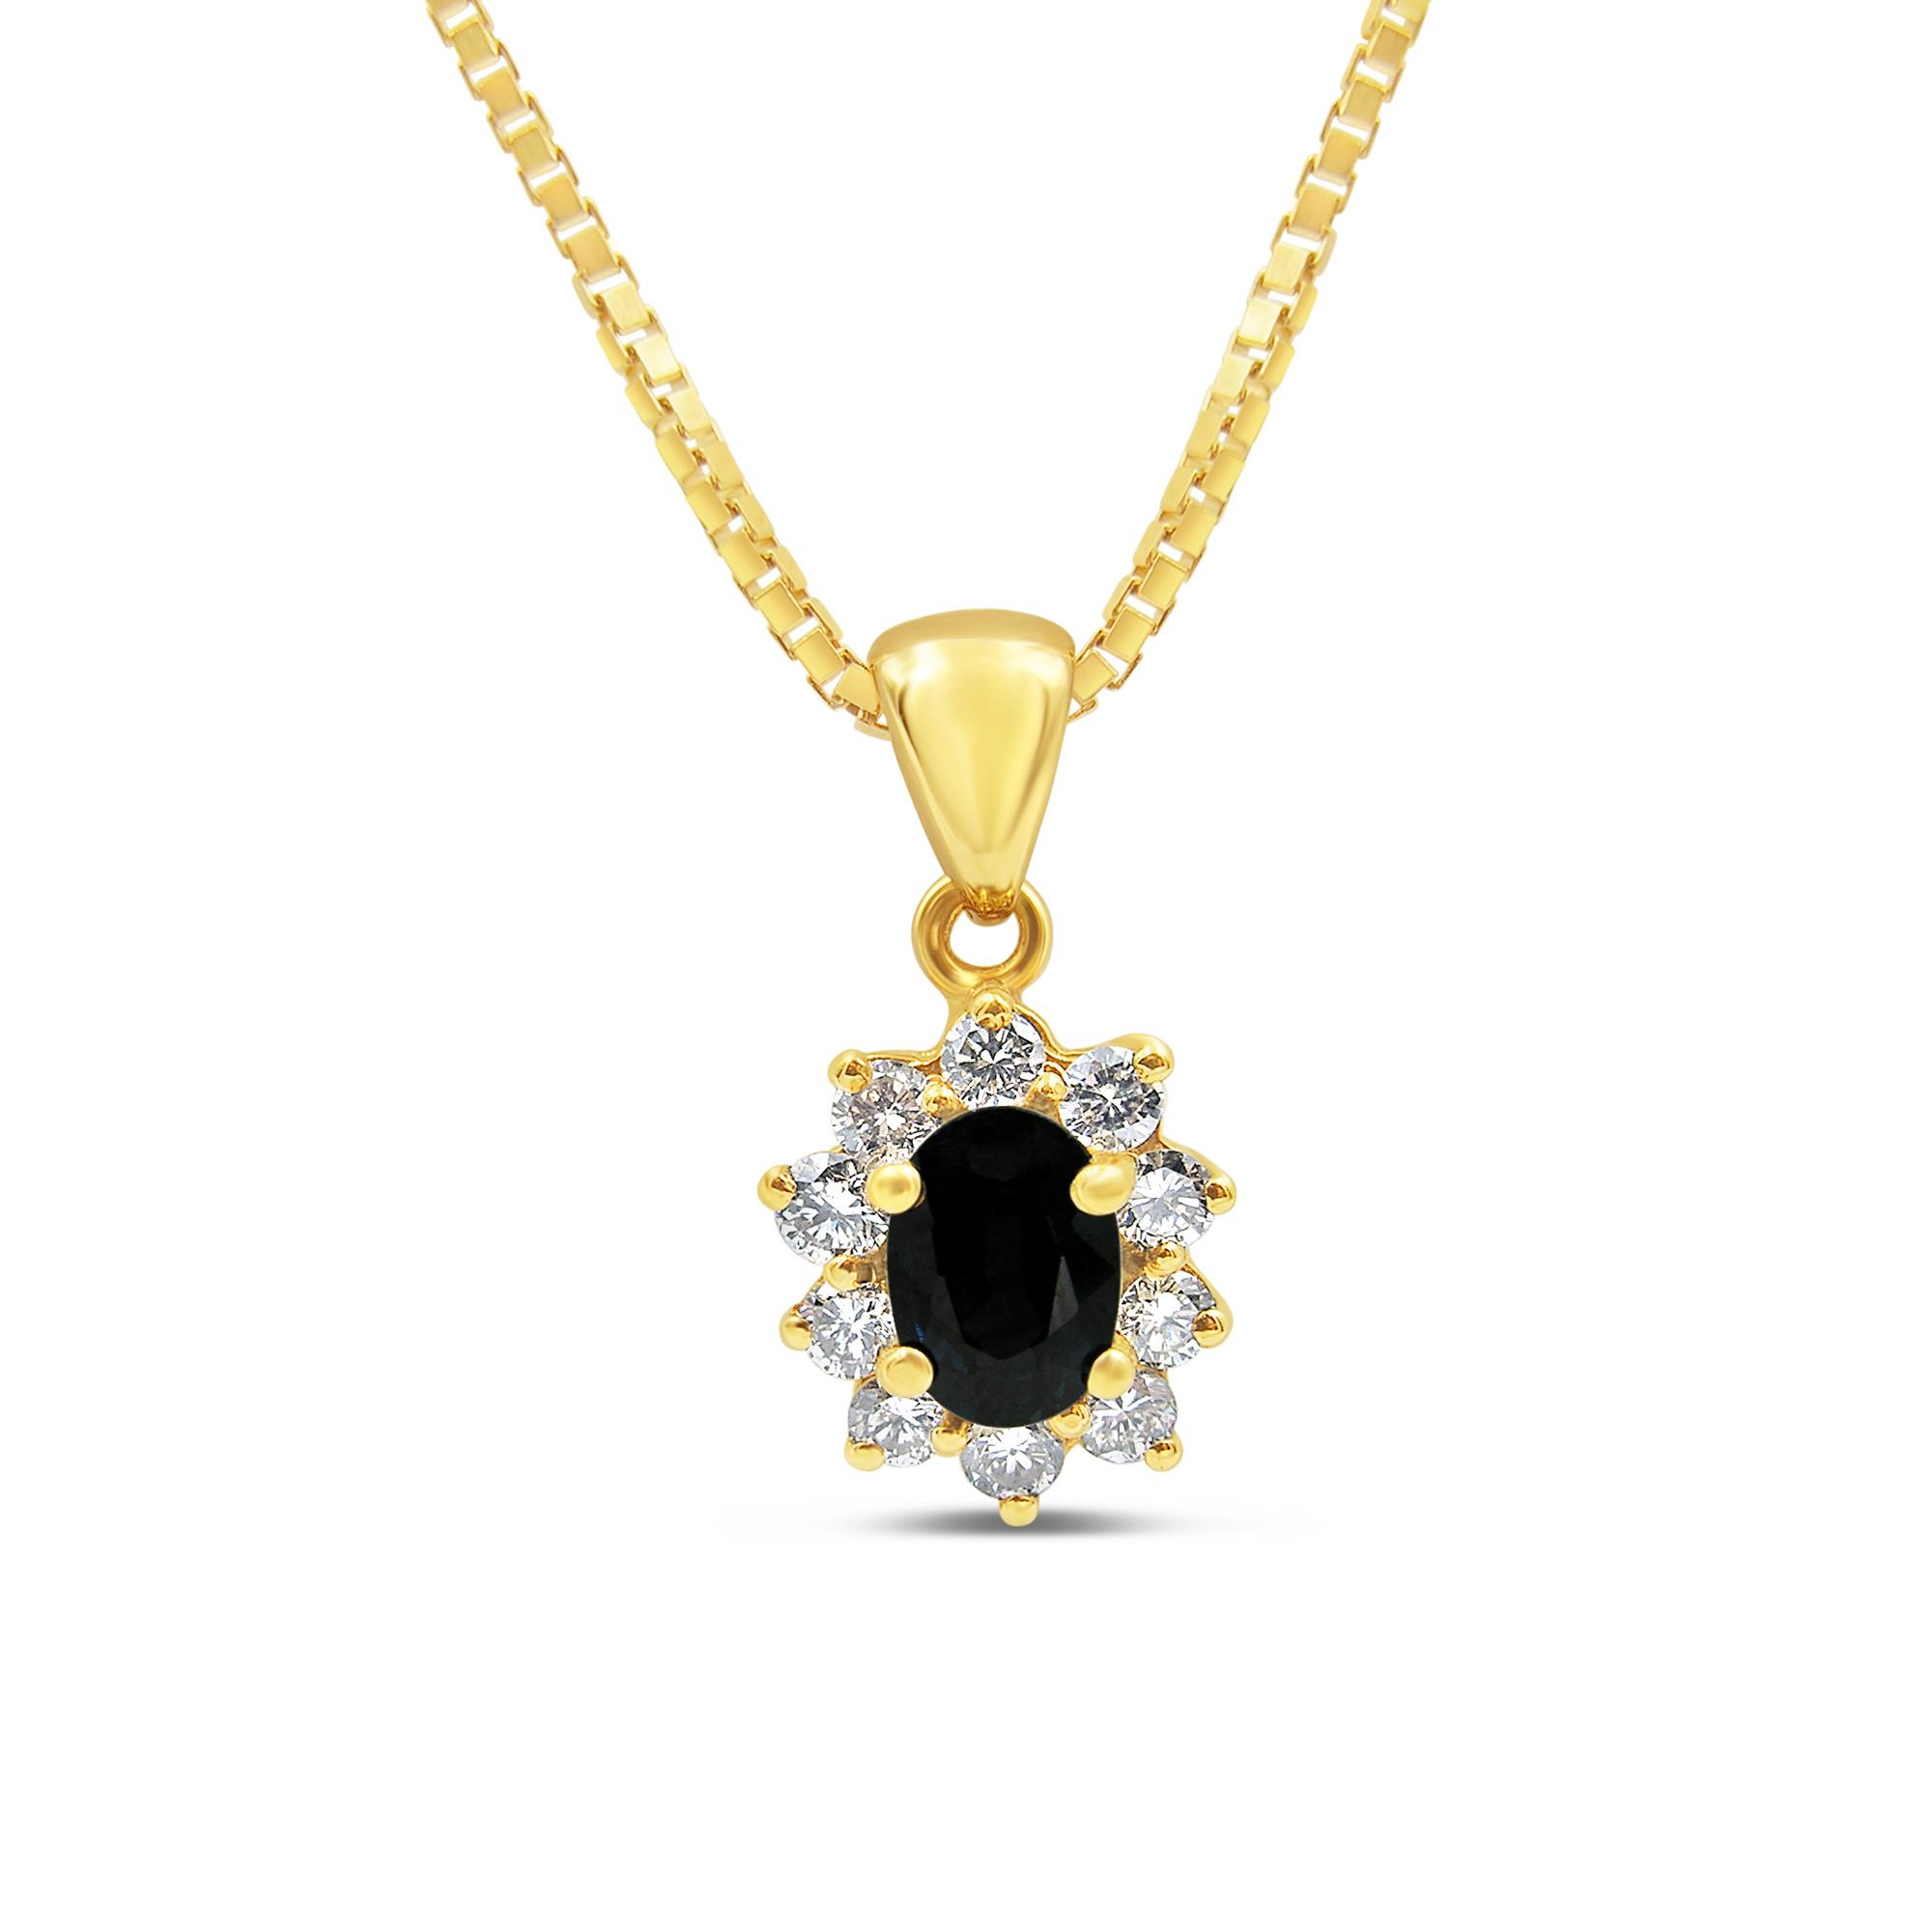 18kt geel goud hanger met 1.10 ct safier & 0.54 ct diamanten